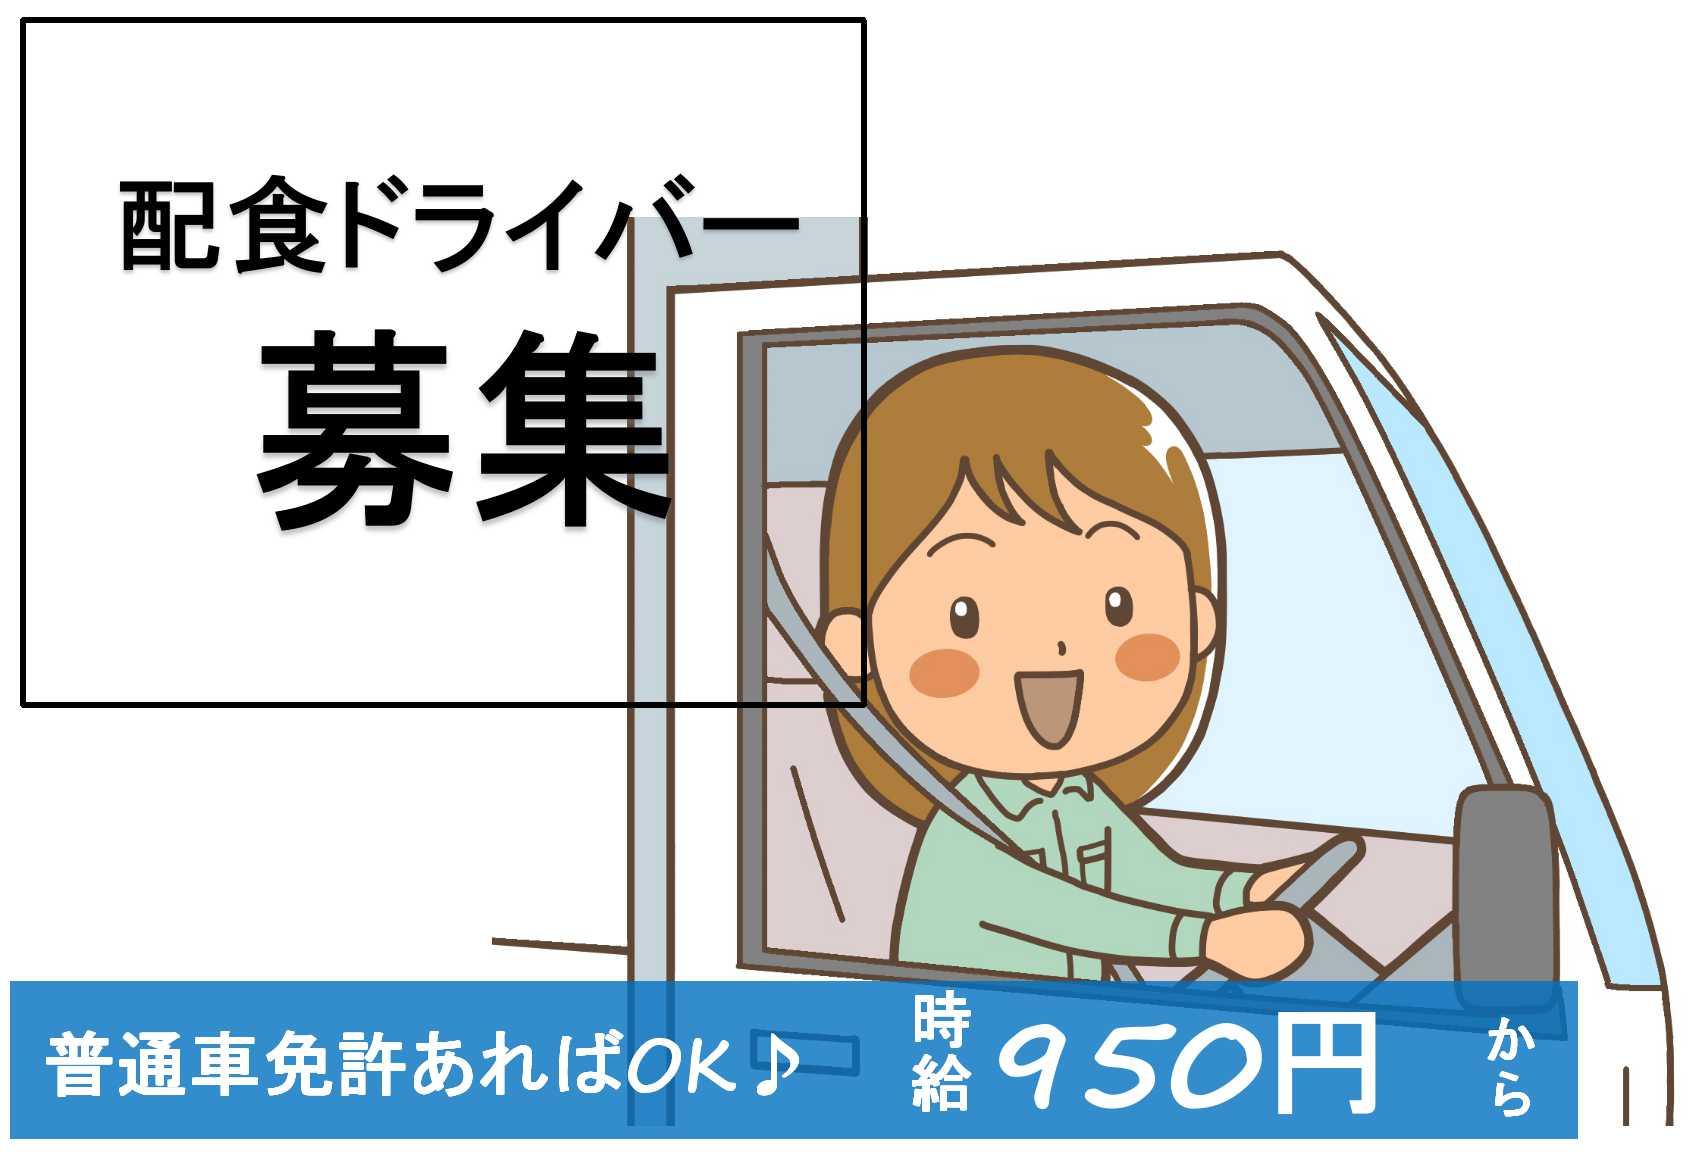 経験不問!時間外労働ほぼナシ!配食ドライバー【即面談可能】 イメージ